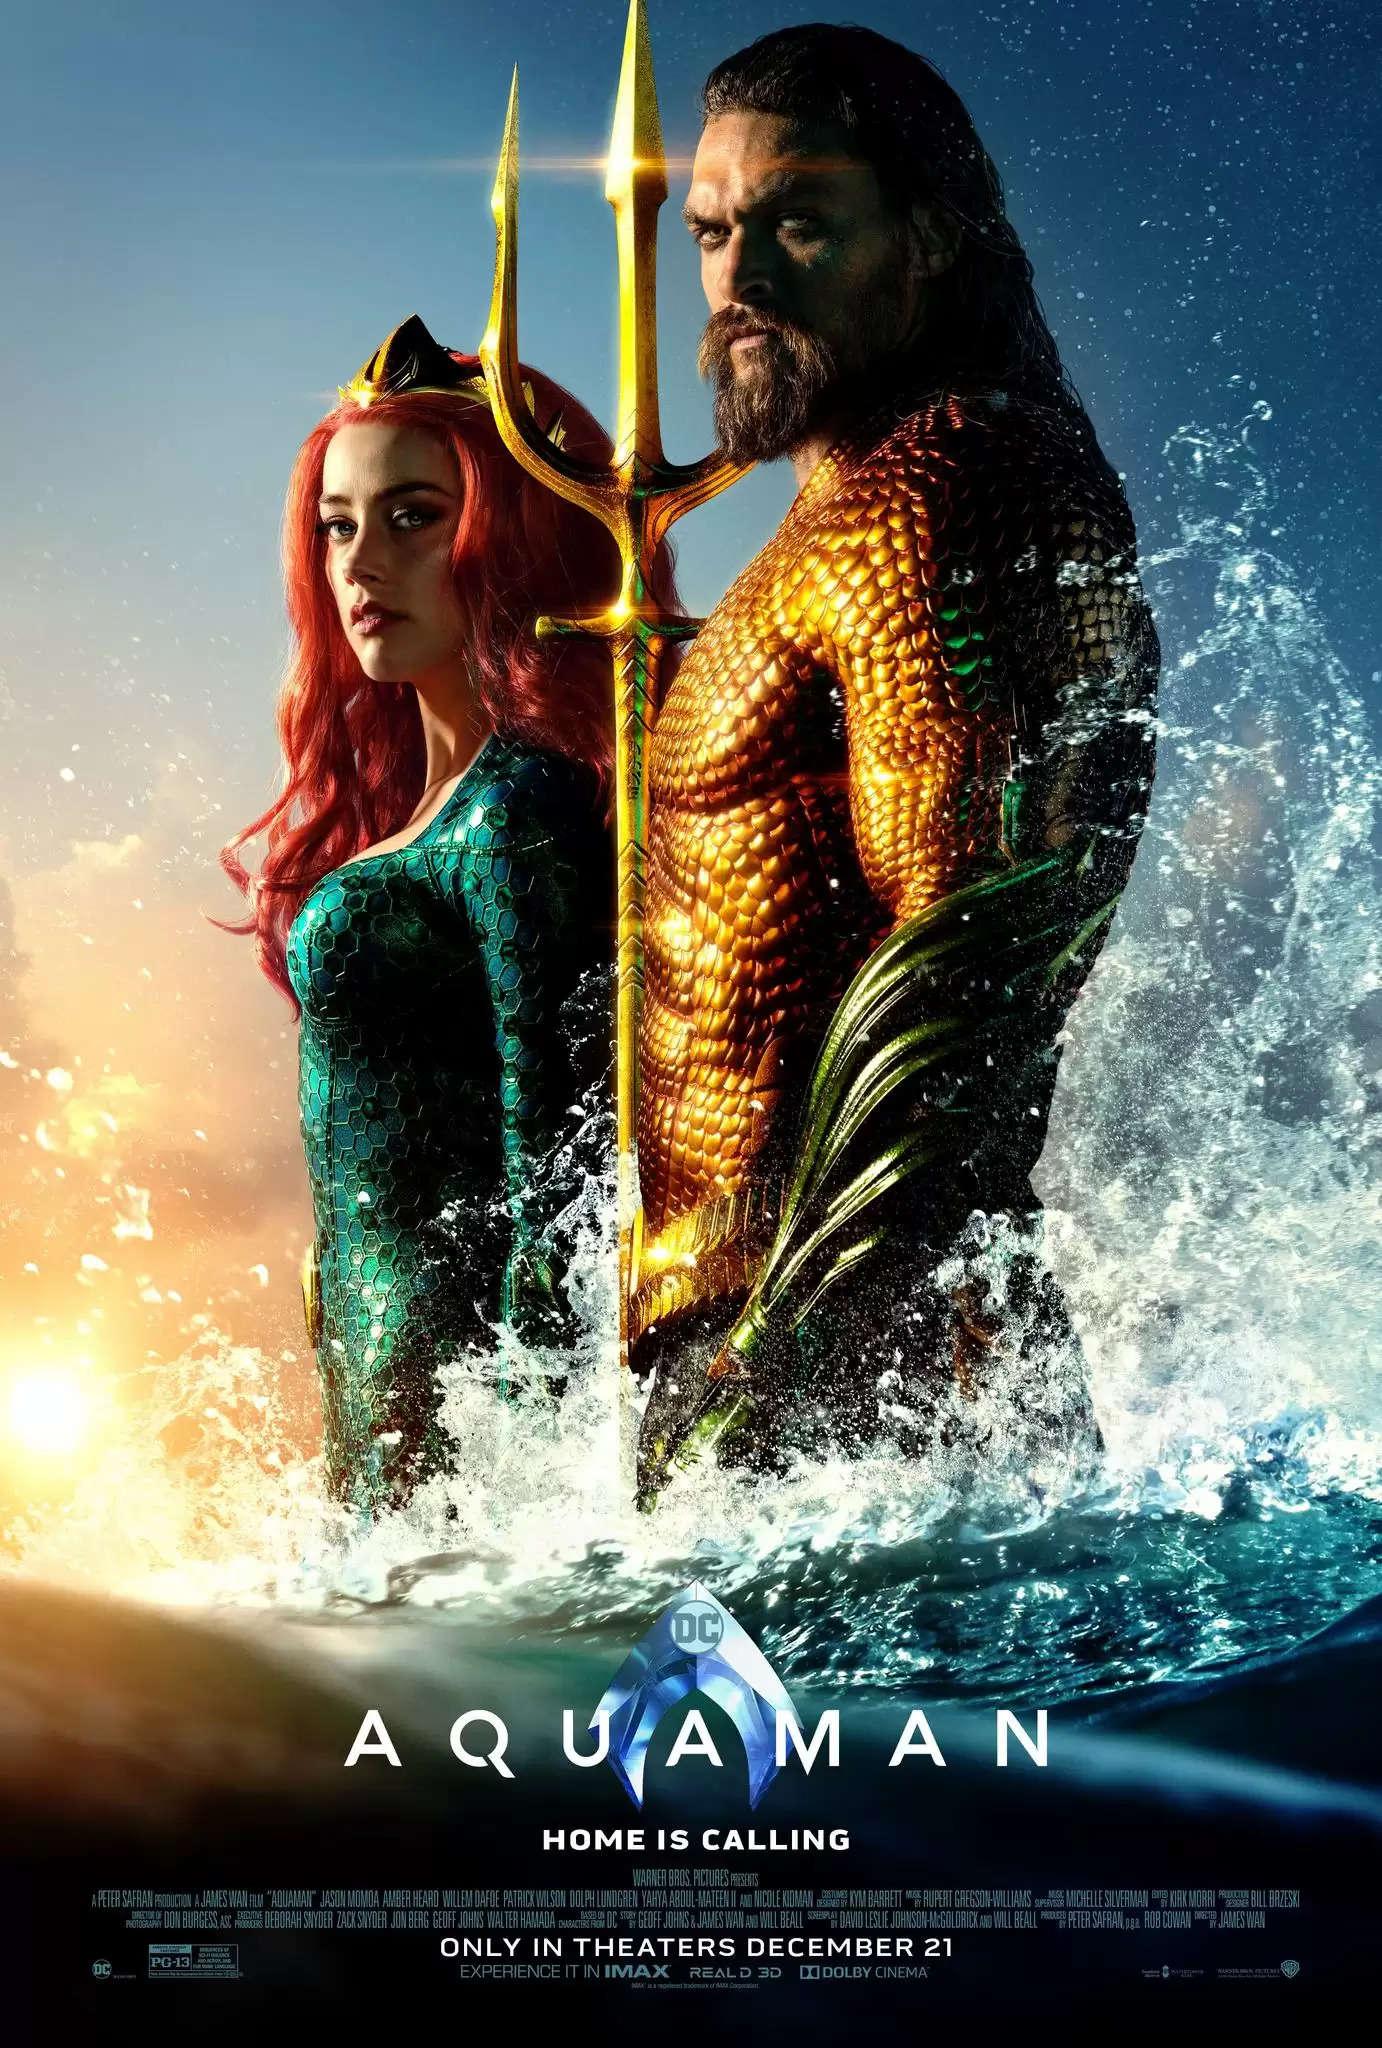 Aquaman: फिल्म एक्वामैन 2 के लिए अभिनेत्री अंबर हेयर्ड को दुगनी फीस दे रहे मेकर्स